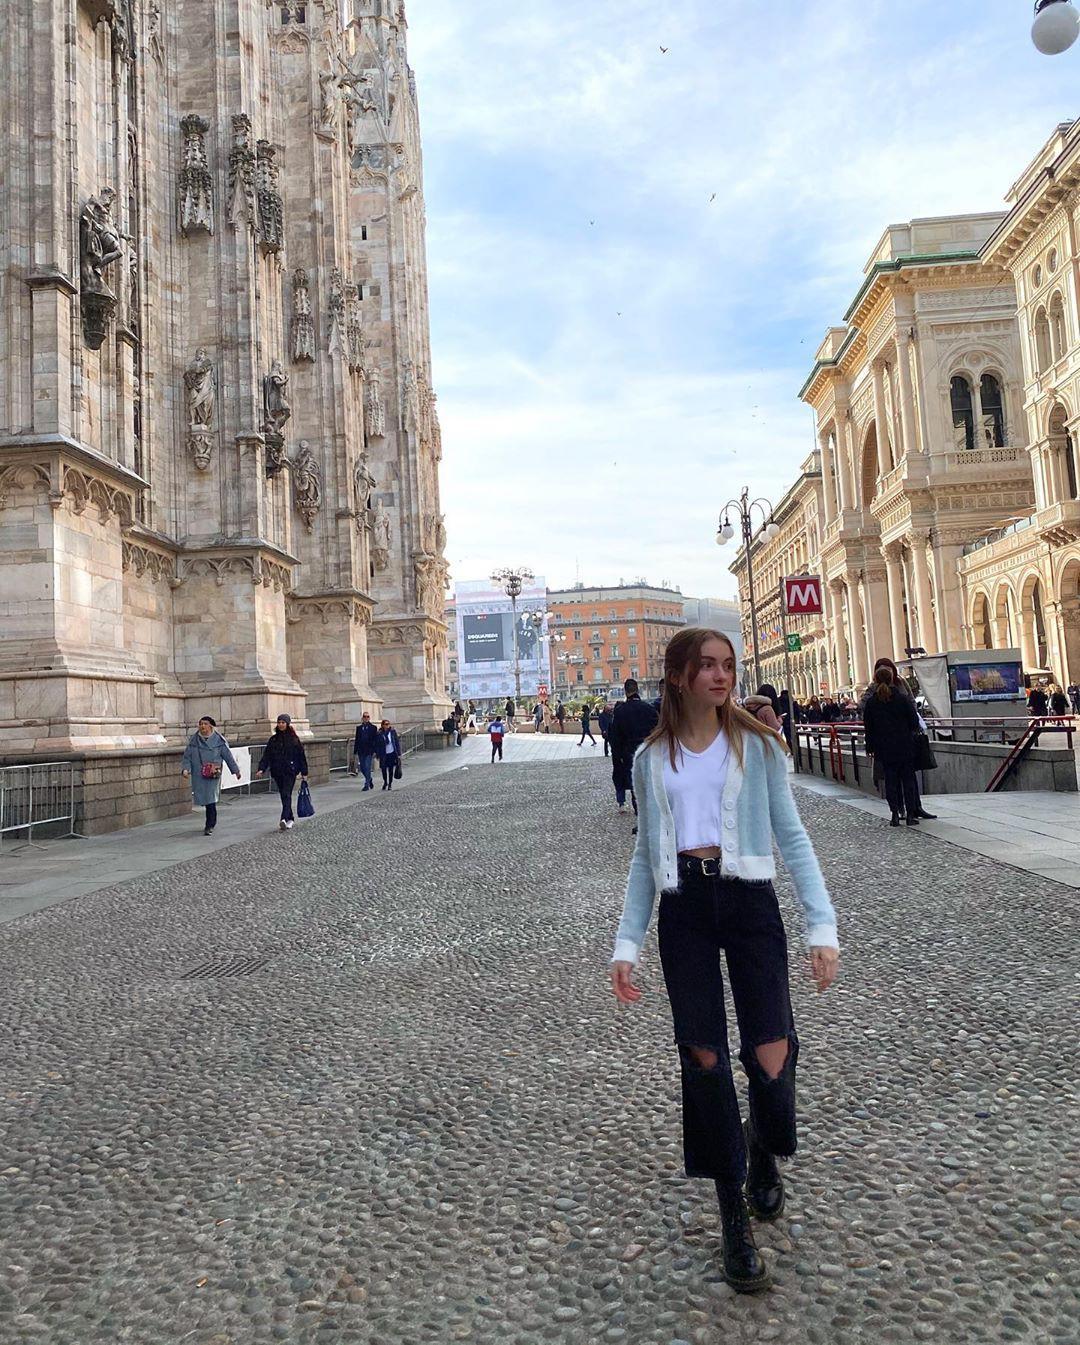 Lauren Orlando cute girls photos, human settlement, public space